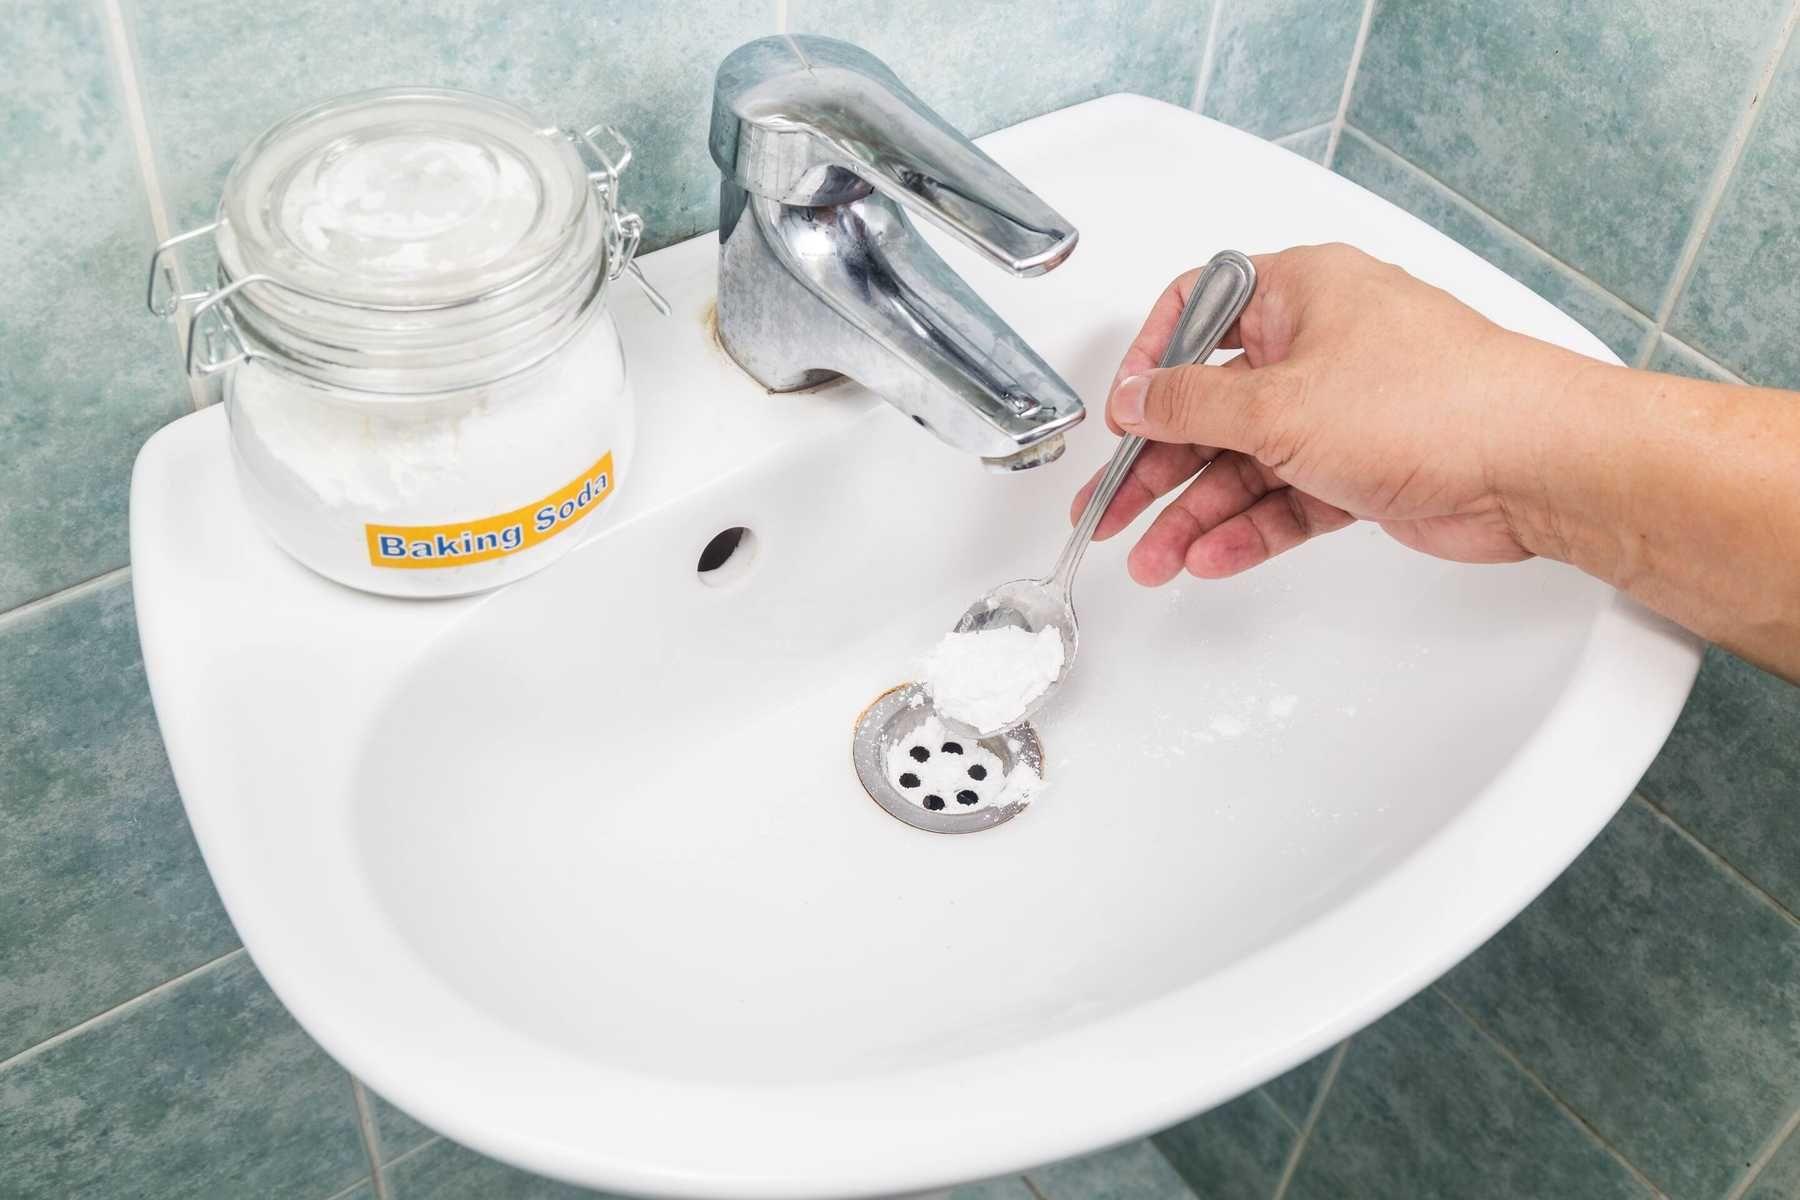 Cách tẩy trắng bồn rửa mặt bằng baking soda